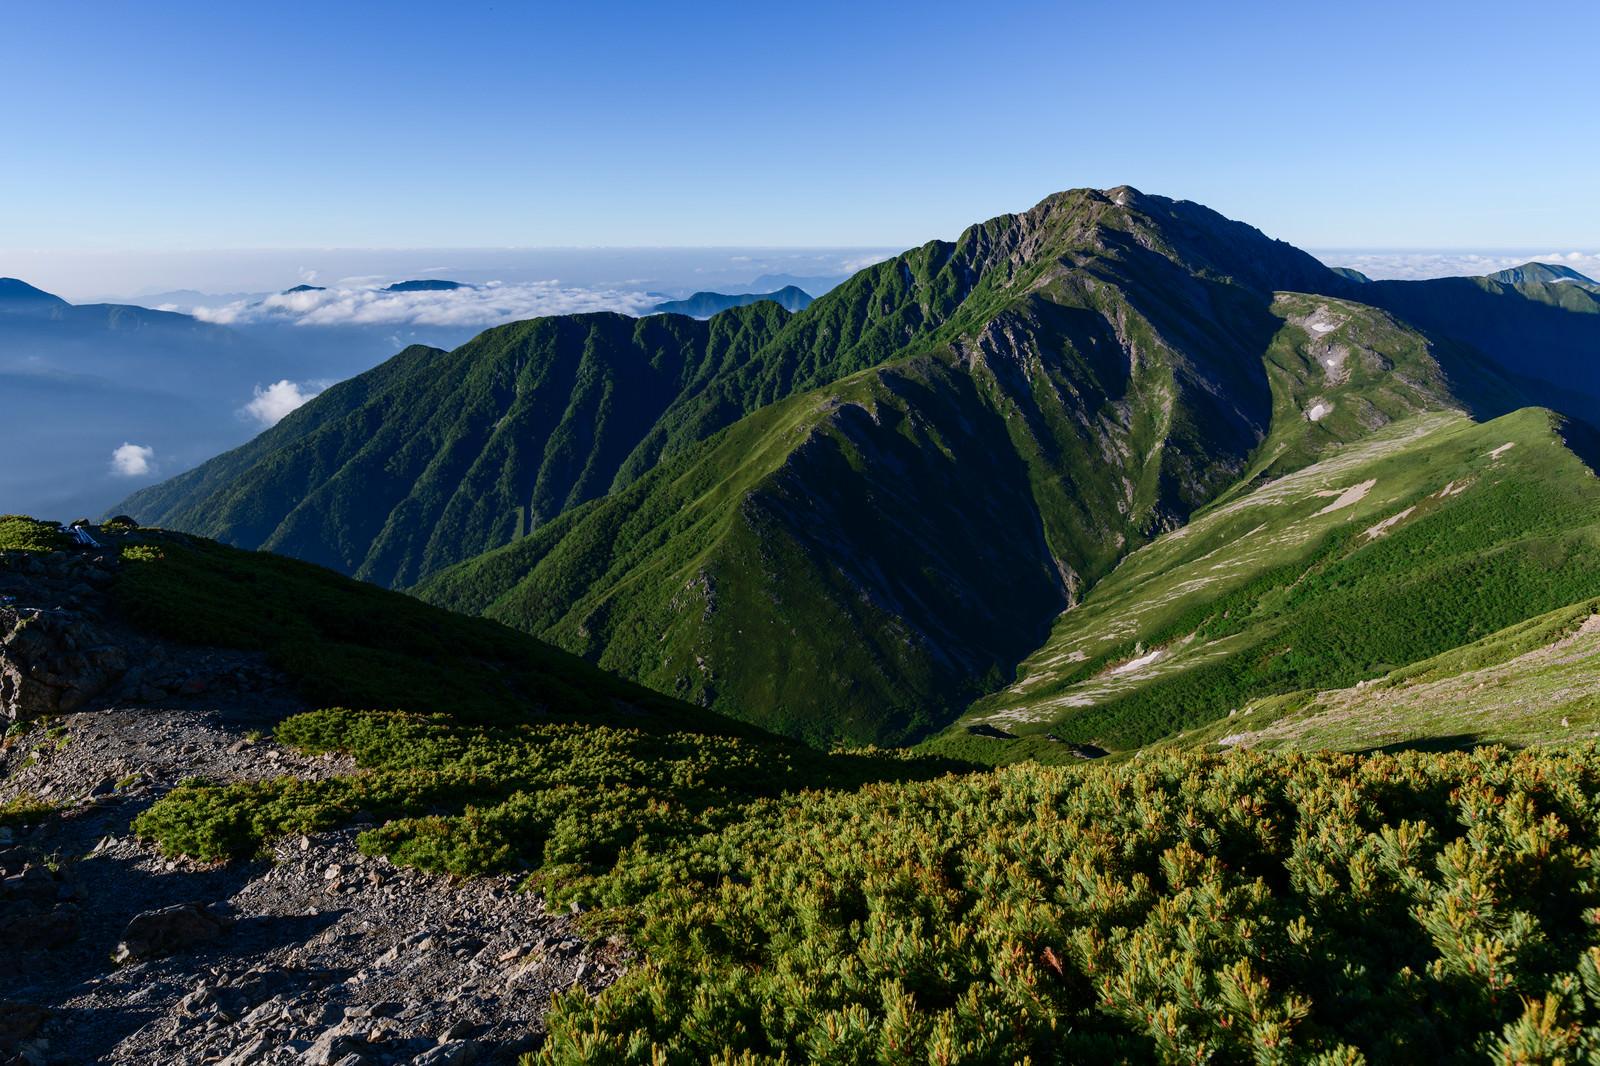 「赤石岳と青空」の写真